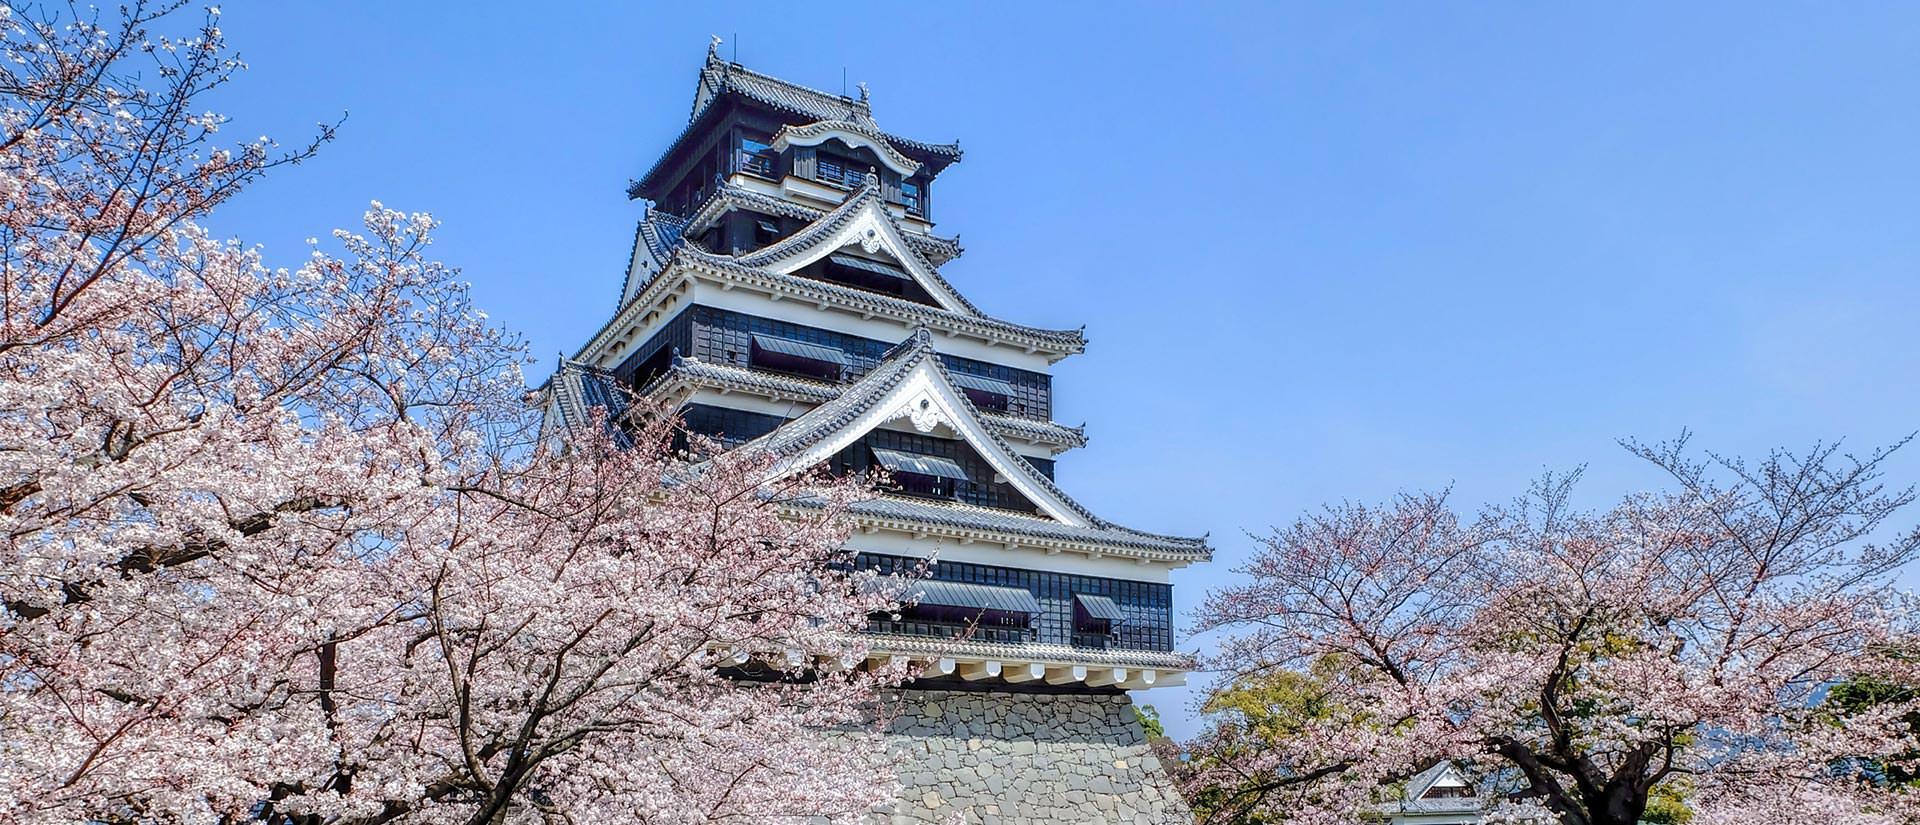 טיולים מאורגנים ליפן בפריחת הדובדבן